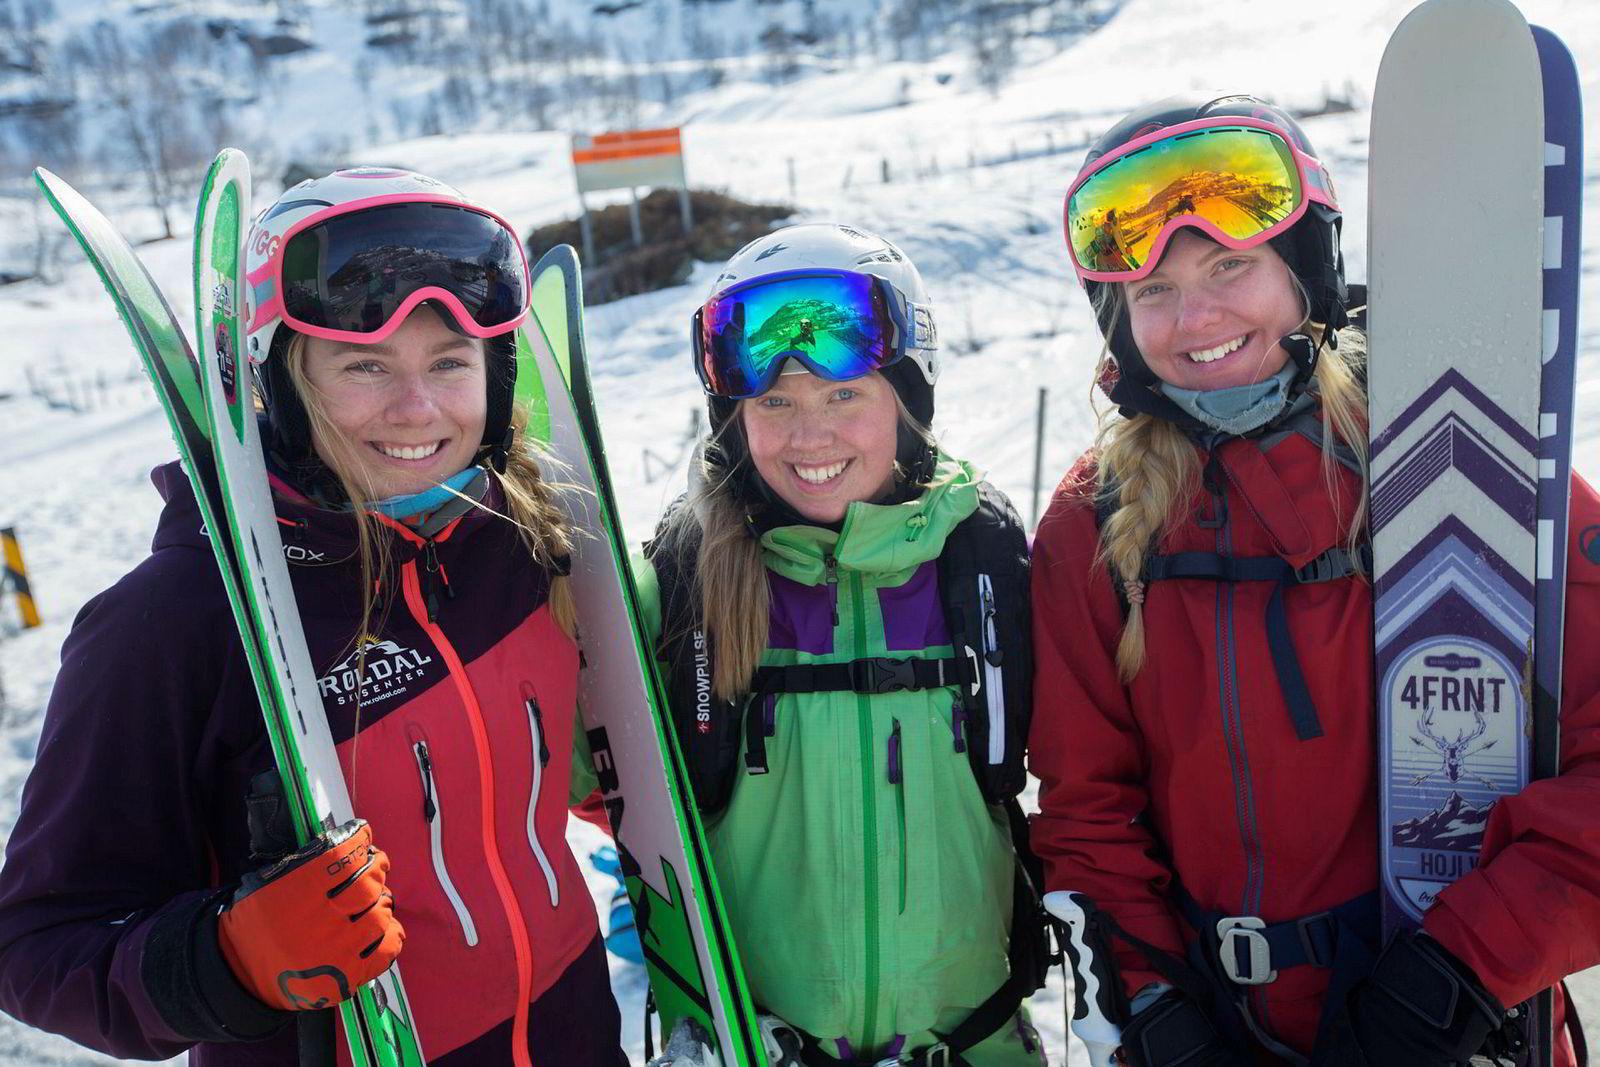 Kamilla Bratteteig, Ane Evjen Mathiesen og Synnøve Medhus kjører mye bratt på ski sammen.